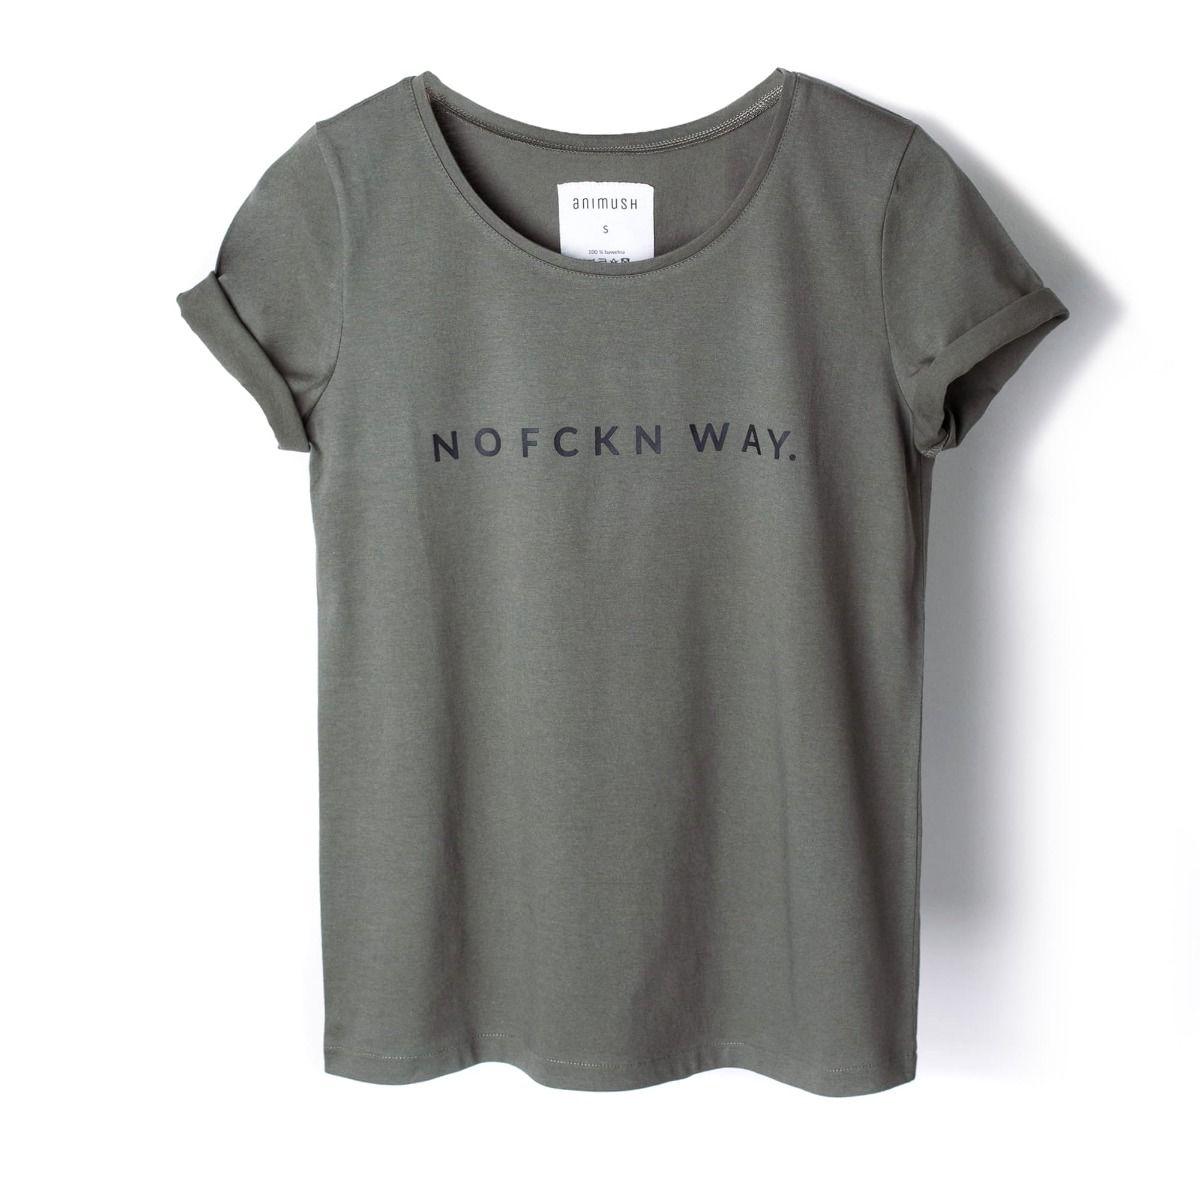 Gdzie mogę kupić najbardziej popularny niska cena koszulka adidas damska cena   krótkie topy damskie h&m ...